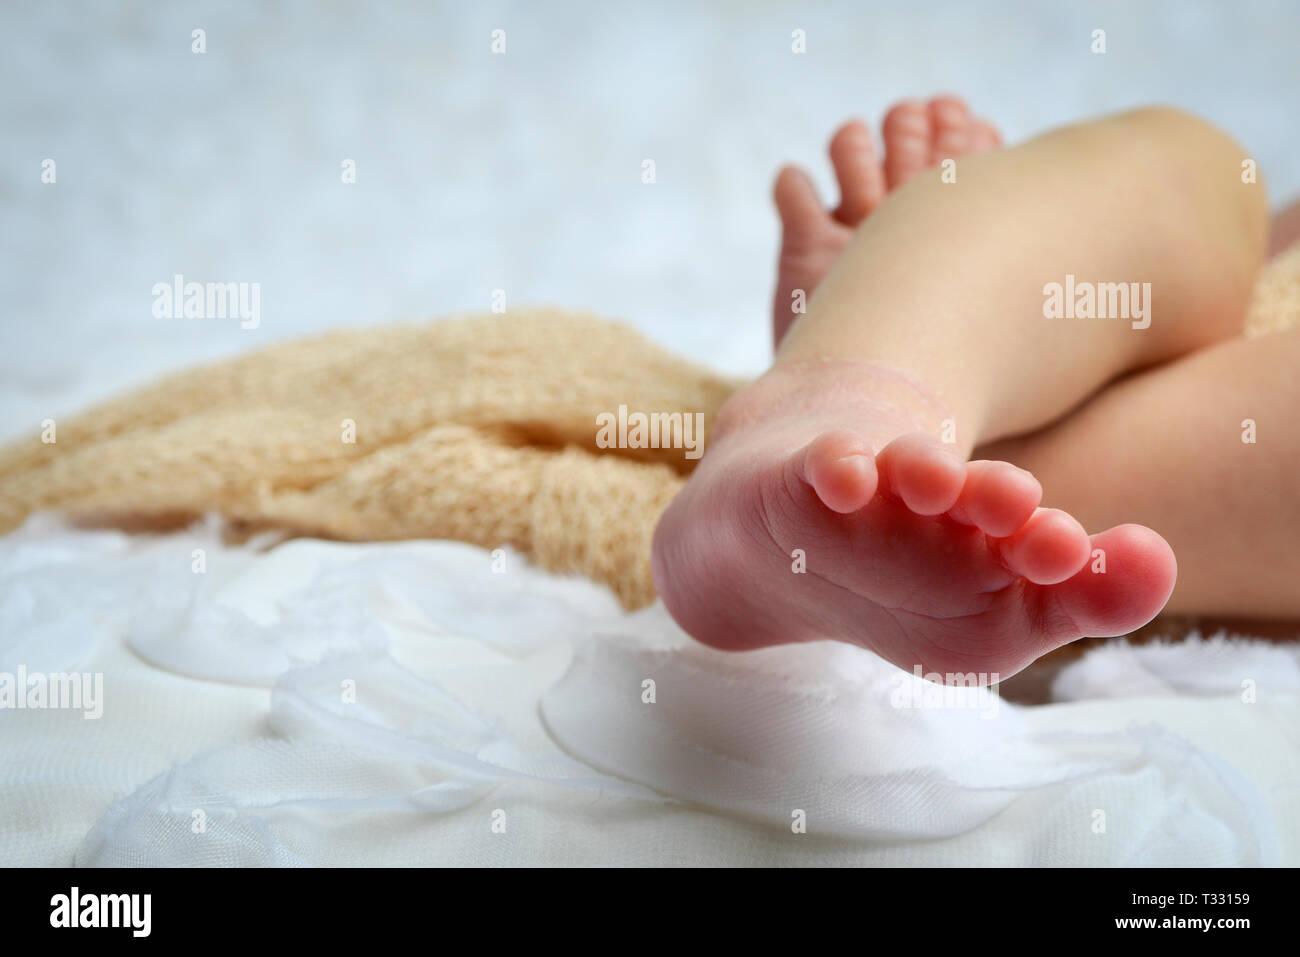 Un portrait Portrait d'un bébé nouveau-né des pieds et les pieds dans l'environnement de couleur neutre et blanc Banque D'Images